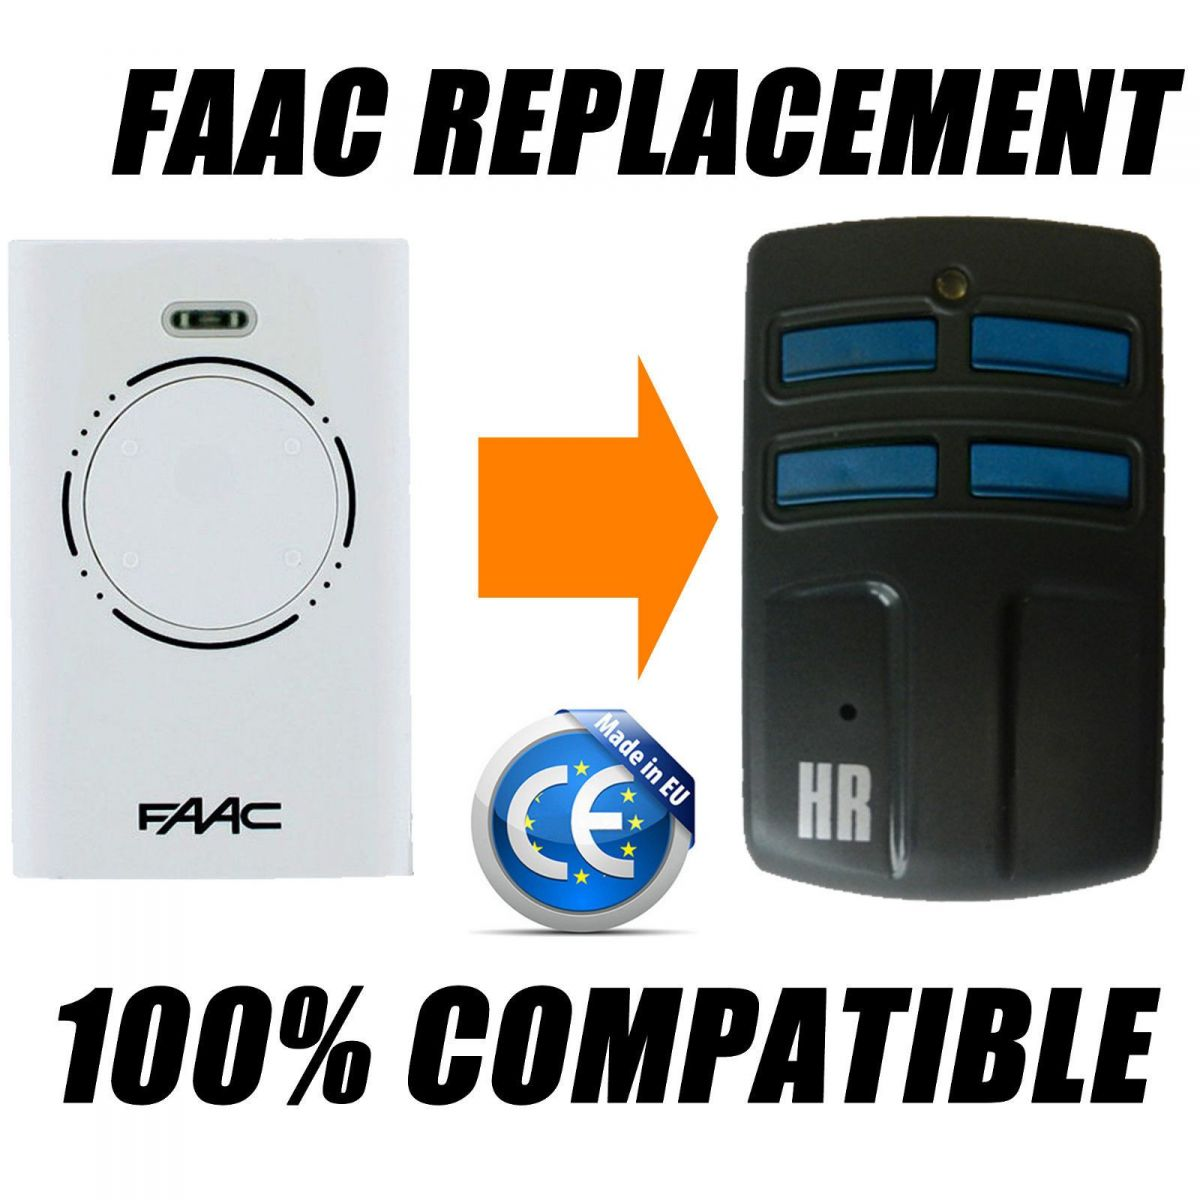 Пульт HR MULTI 2 433-868 мГц (FAAC XT2, XT4, SLH)